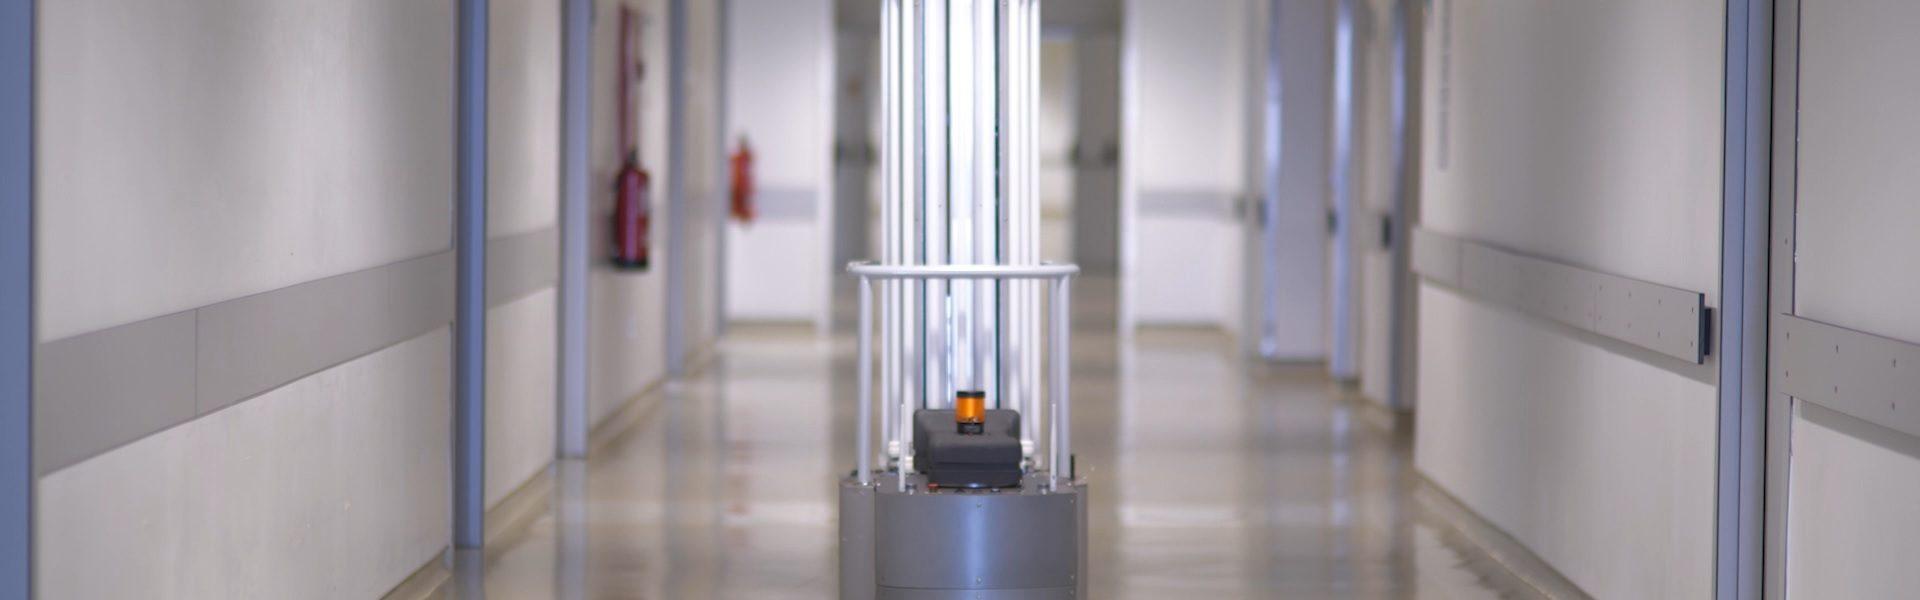 Zhello: o robot português que faz desinfeção de espaços